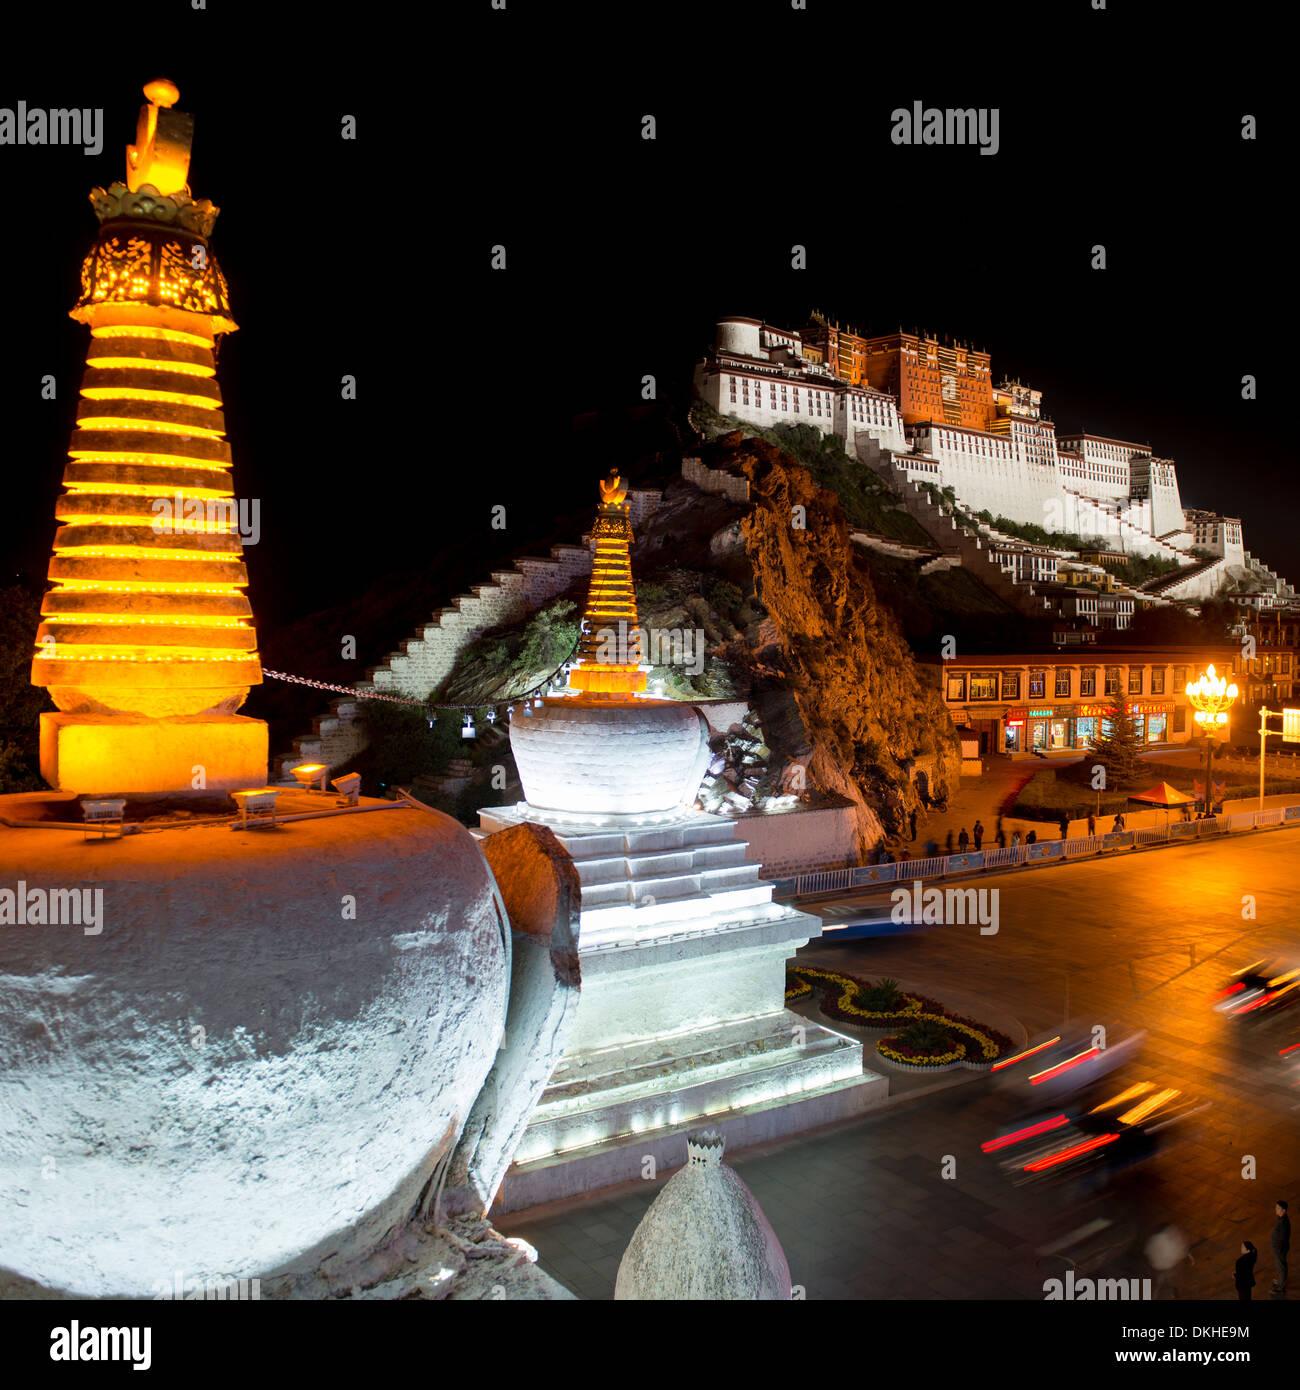 Potala Palace at night, Lhasa, Tibet - Stock Image